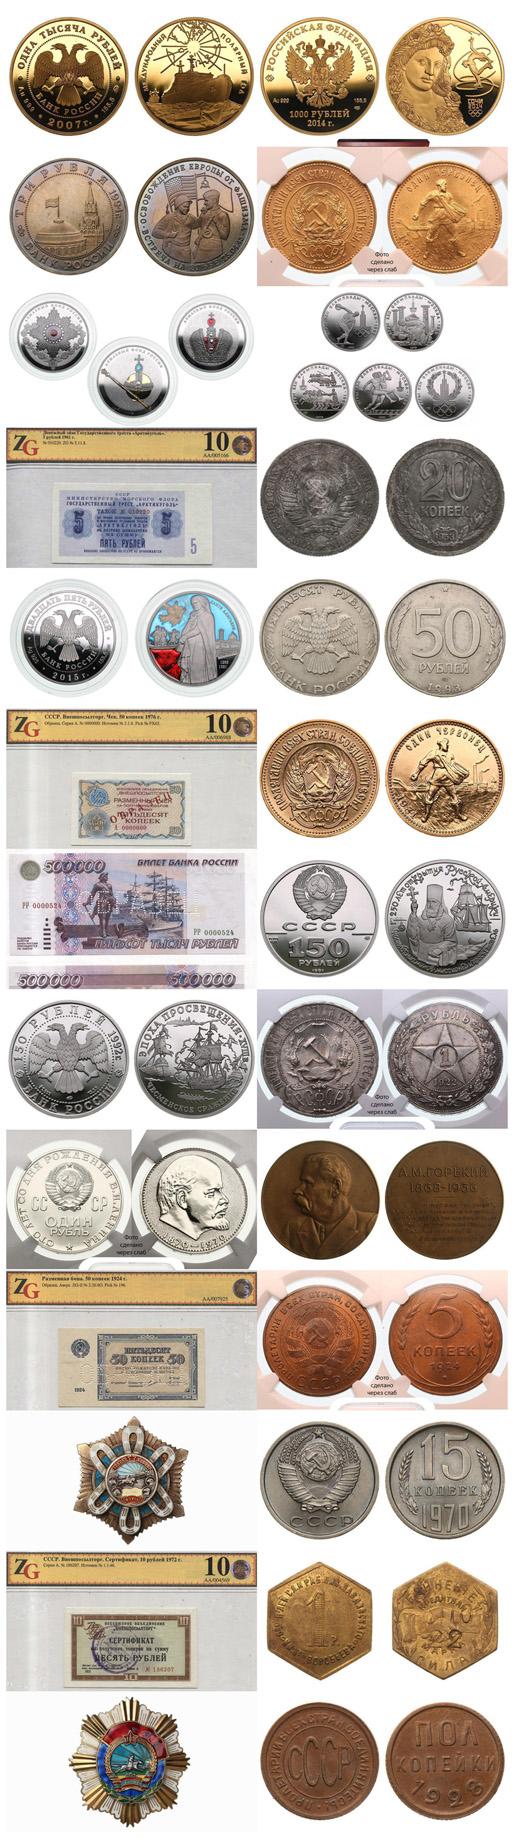 монеты стран купить